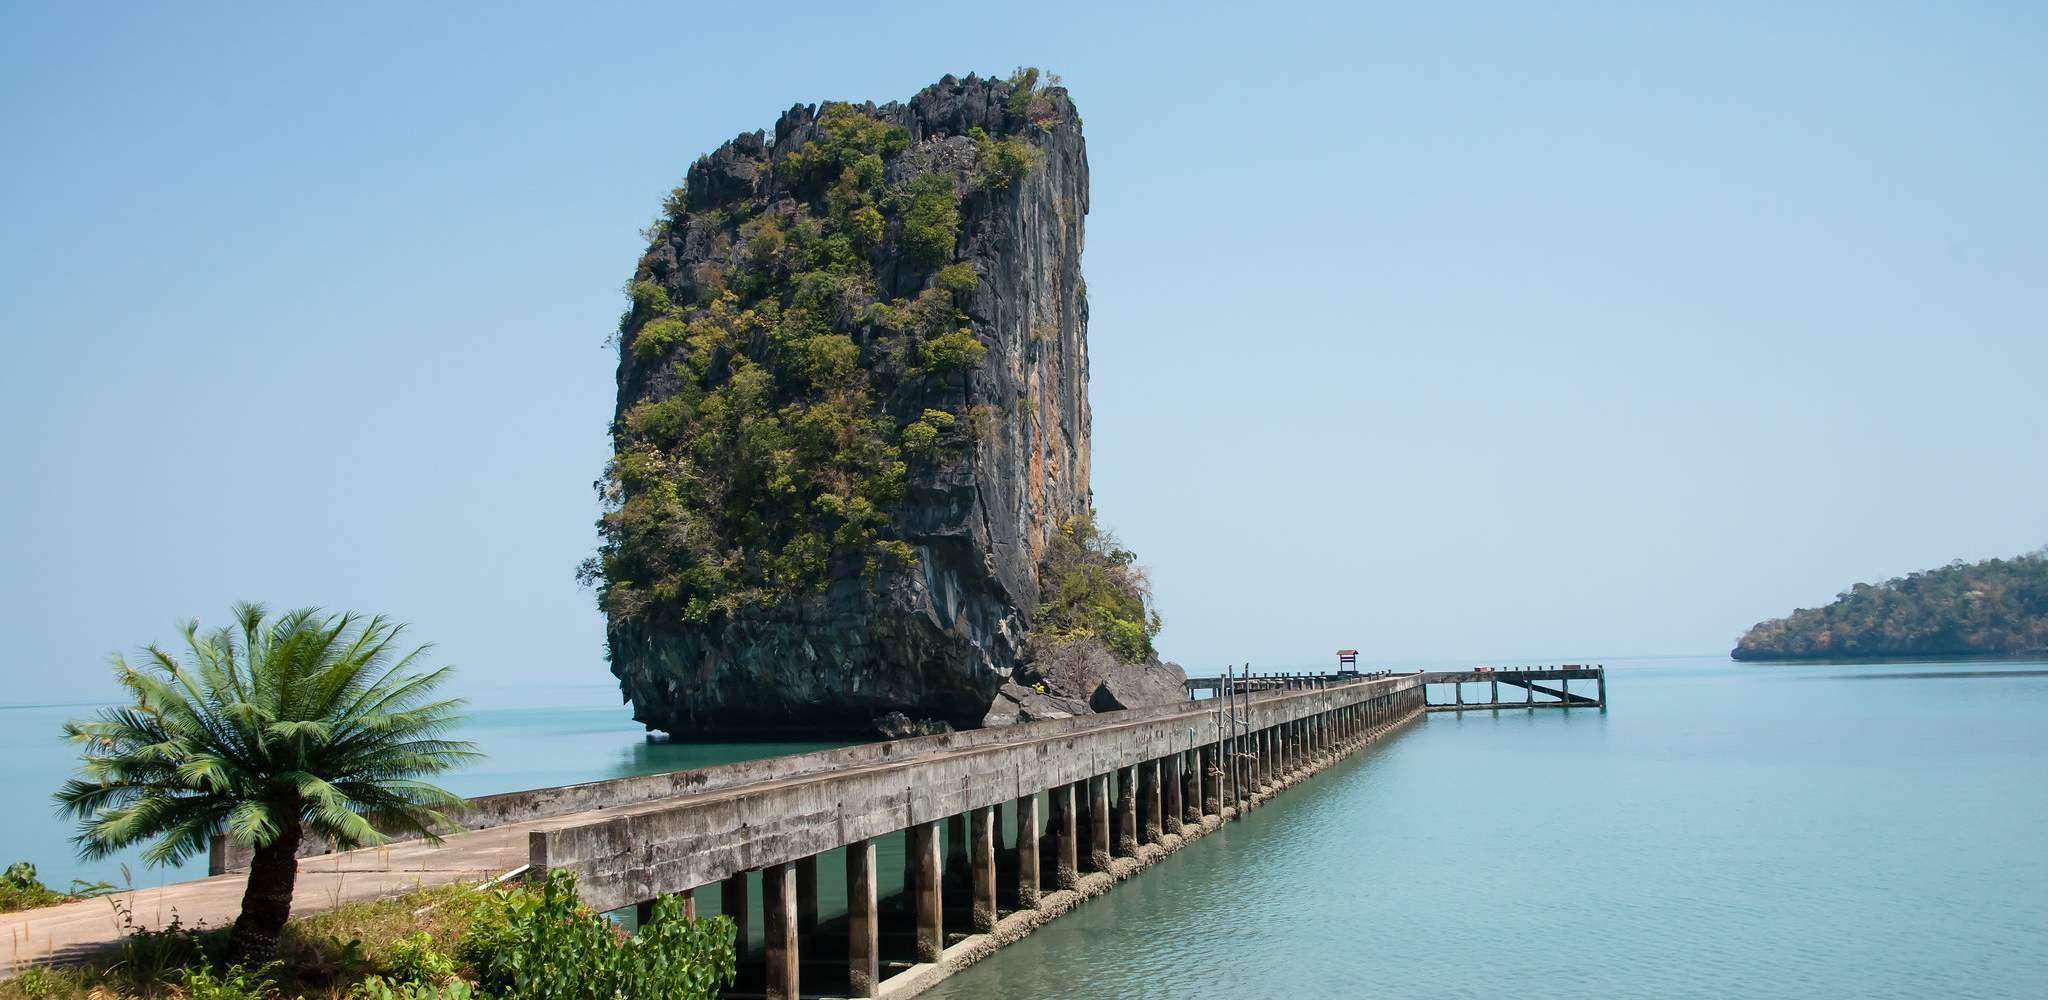 De pier op het eiland Koh Tarutao